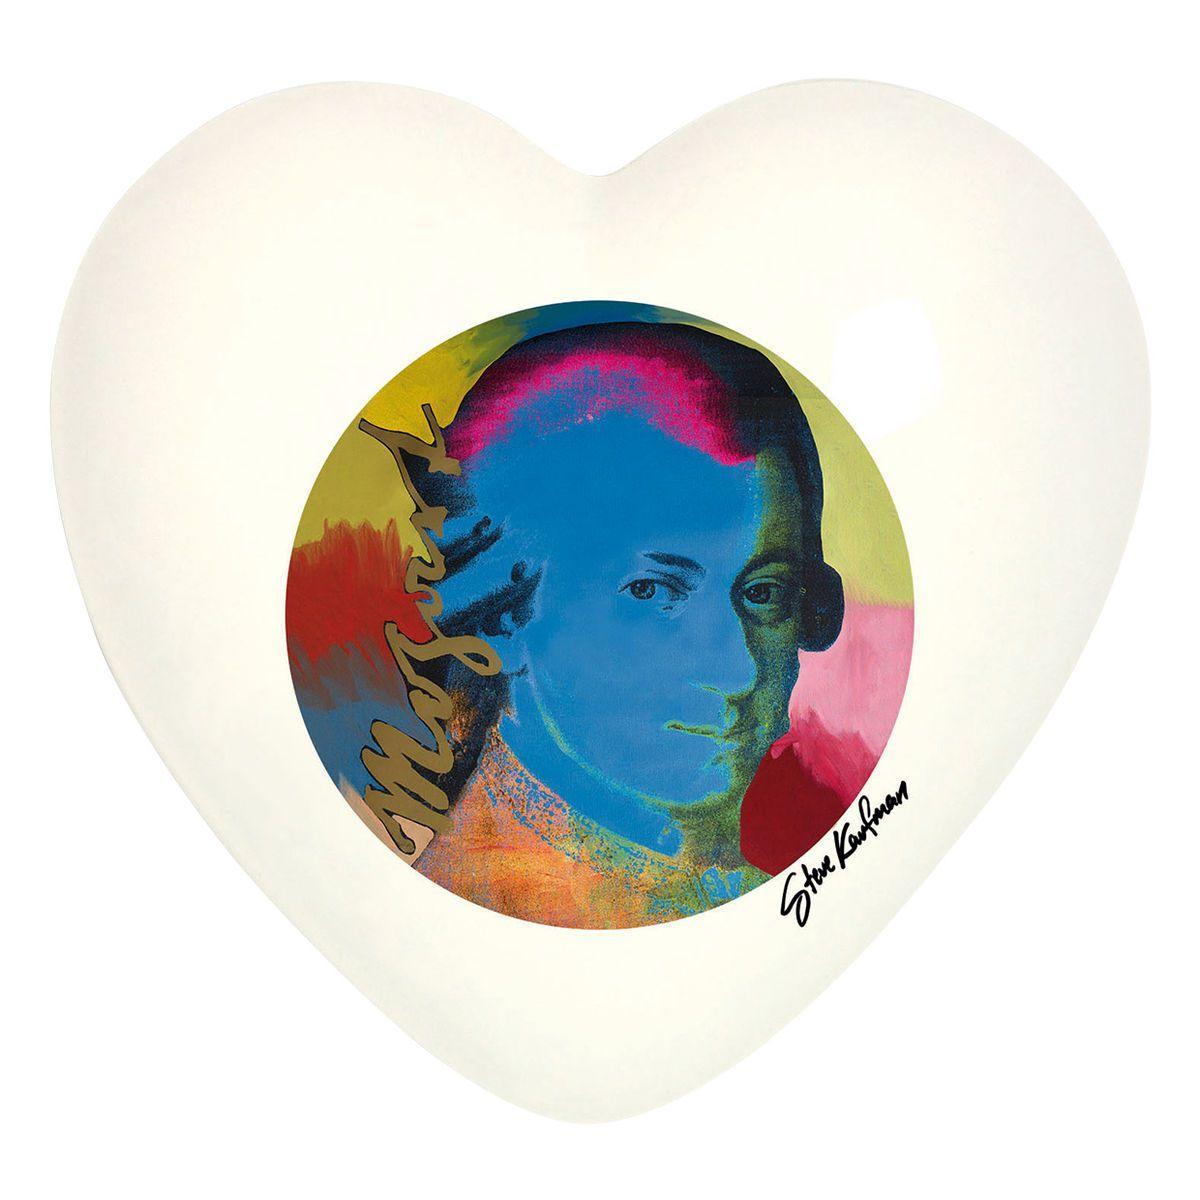 Cuore di ceramica bianco con grafica di Steve Kaufman